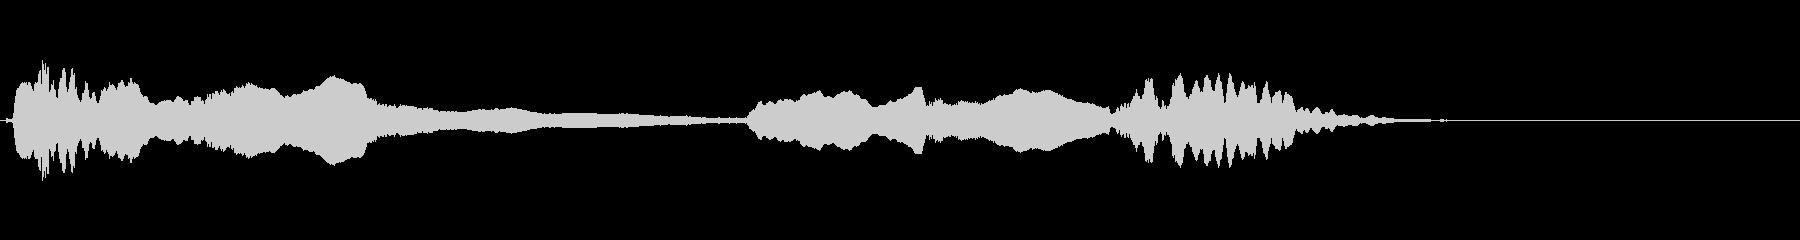 尺八を使ったゆったりとムードあるジングルの未再生の波形